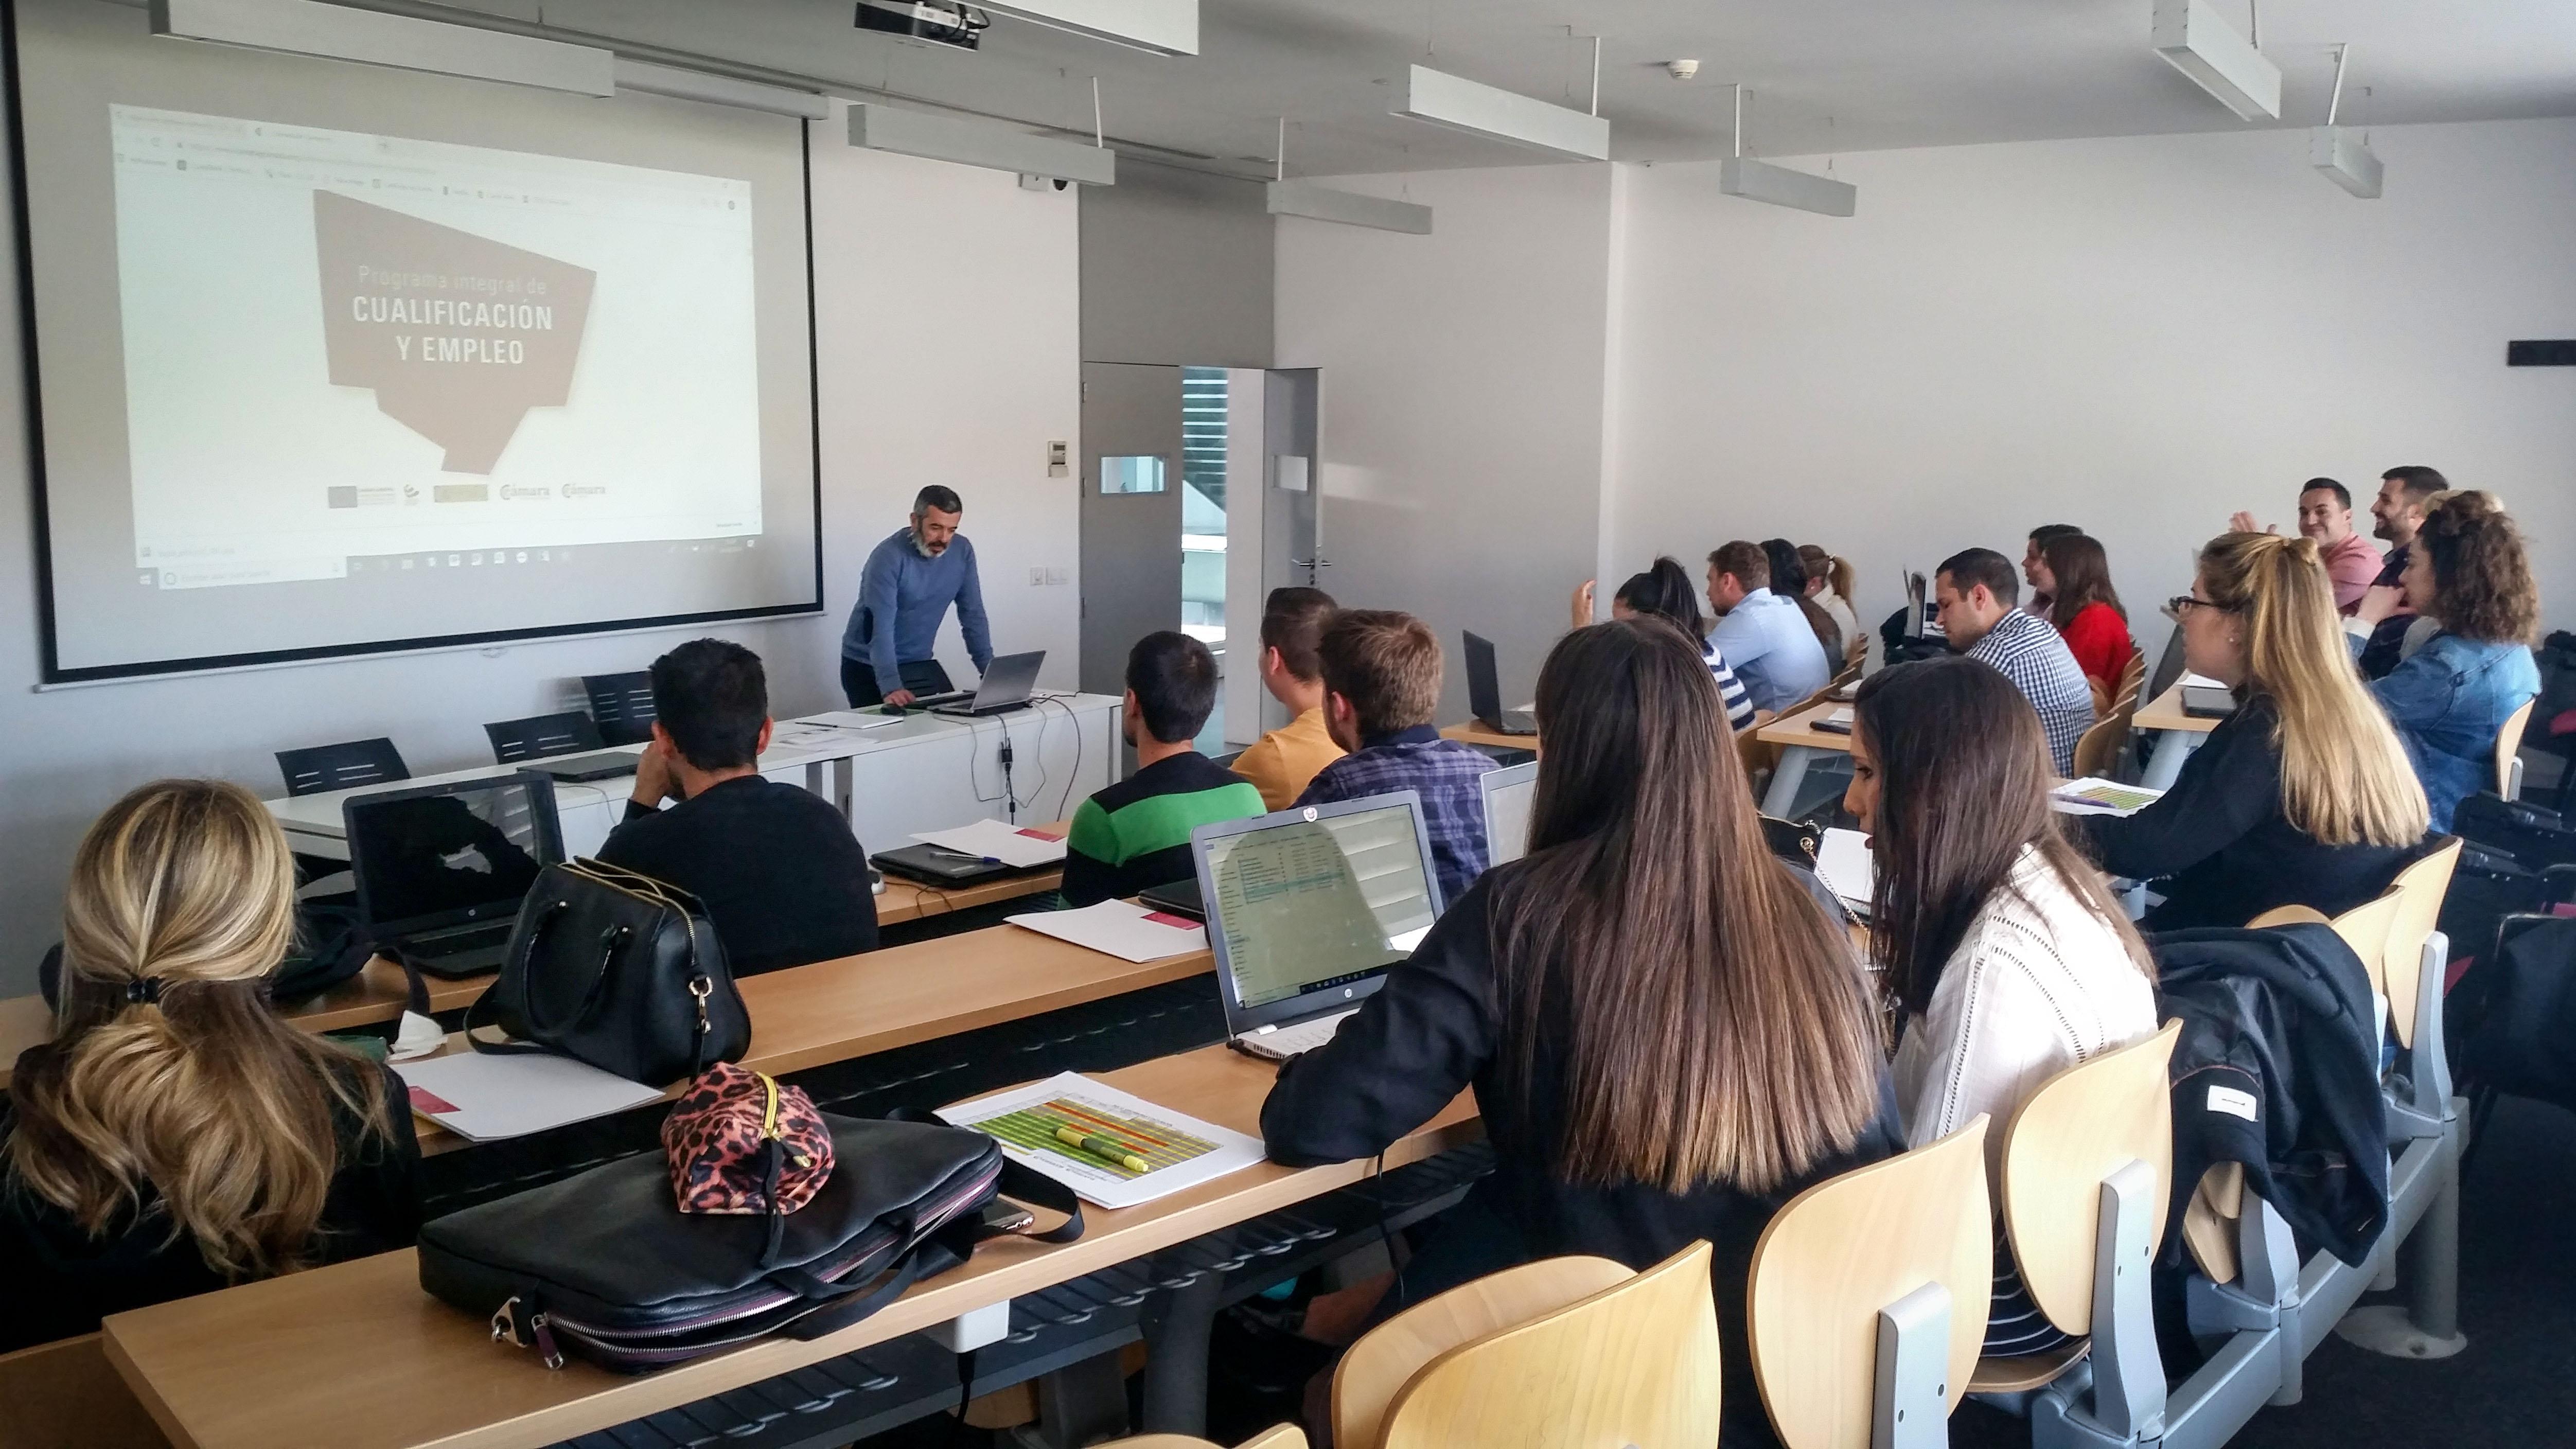 Cámara Granada oferta 207.000 euros en ayudas para la contratación de jóvenes